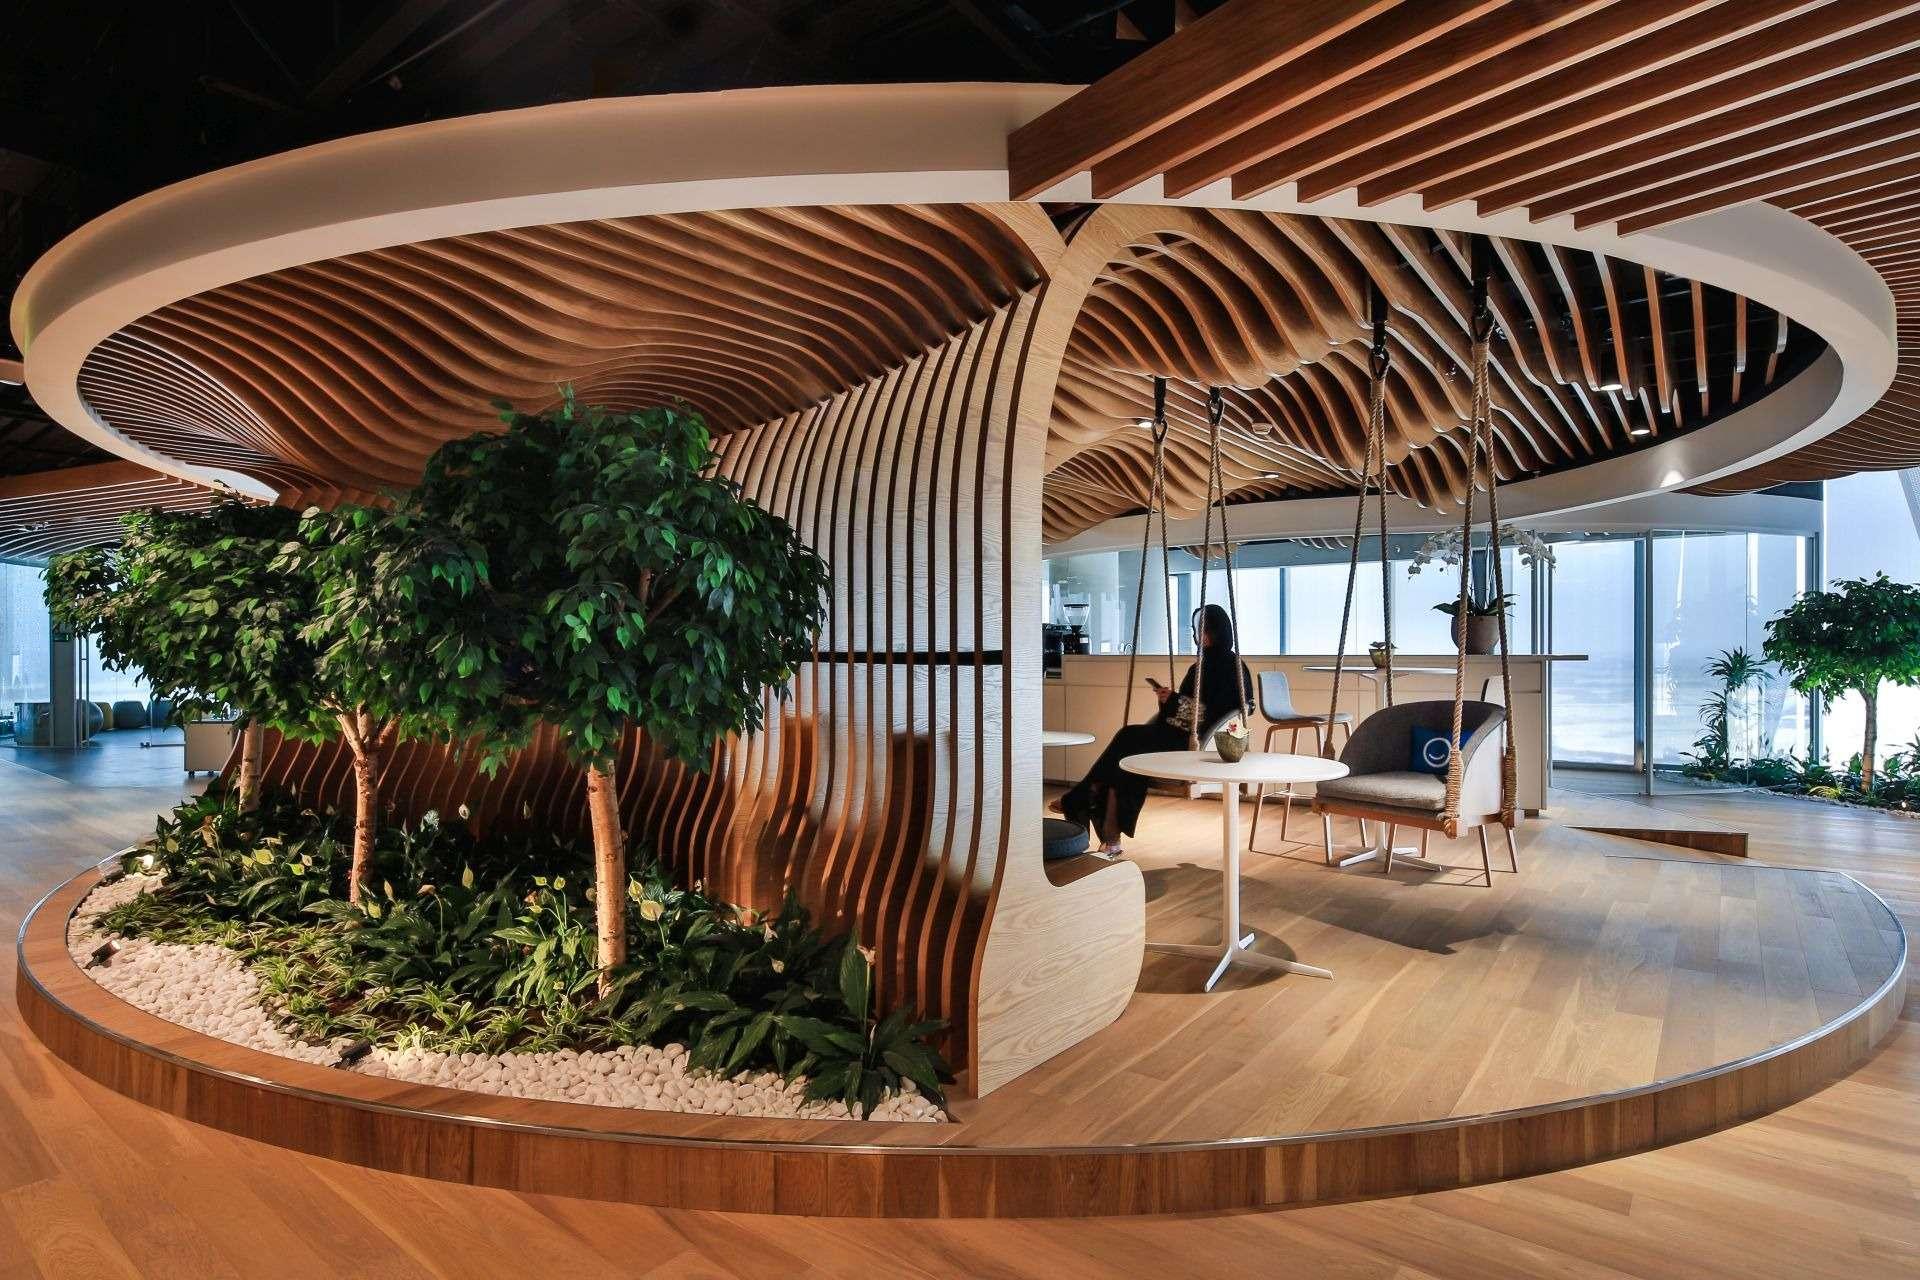 Design biophilique : s'inspirer de la nature pour innover